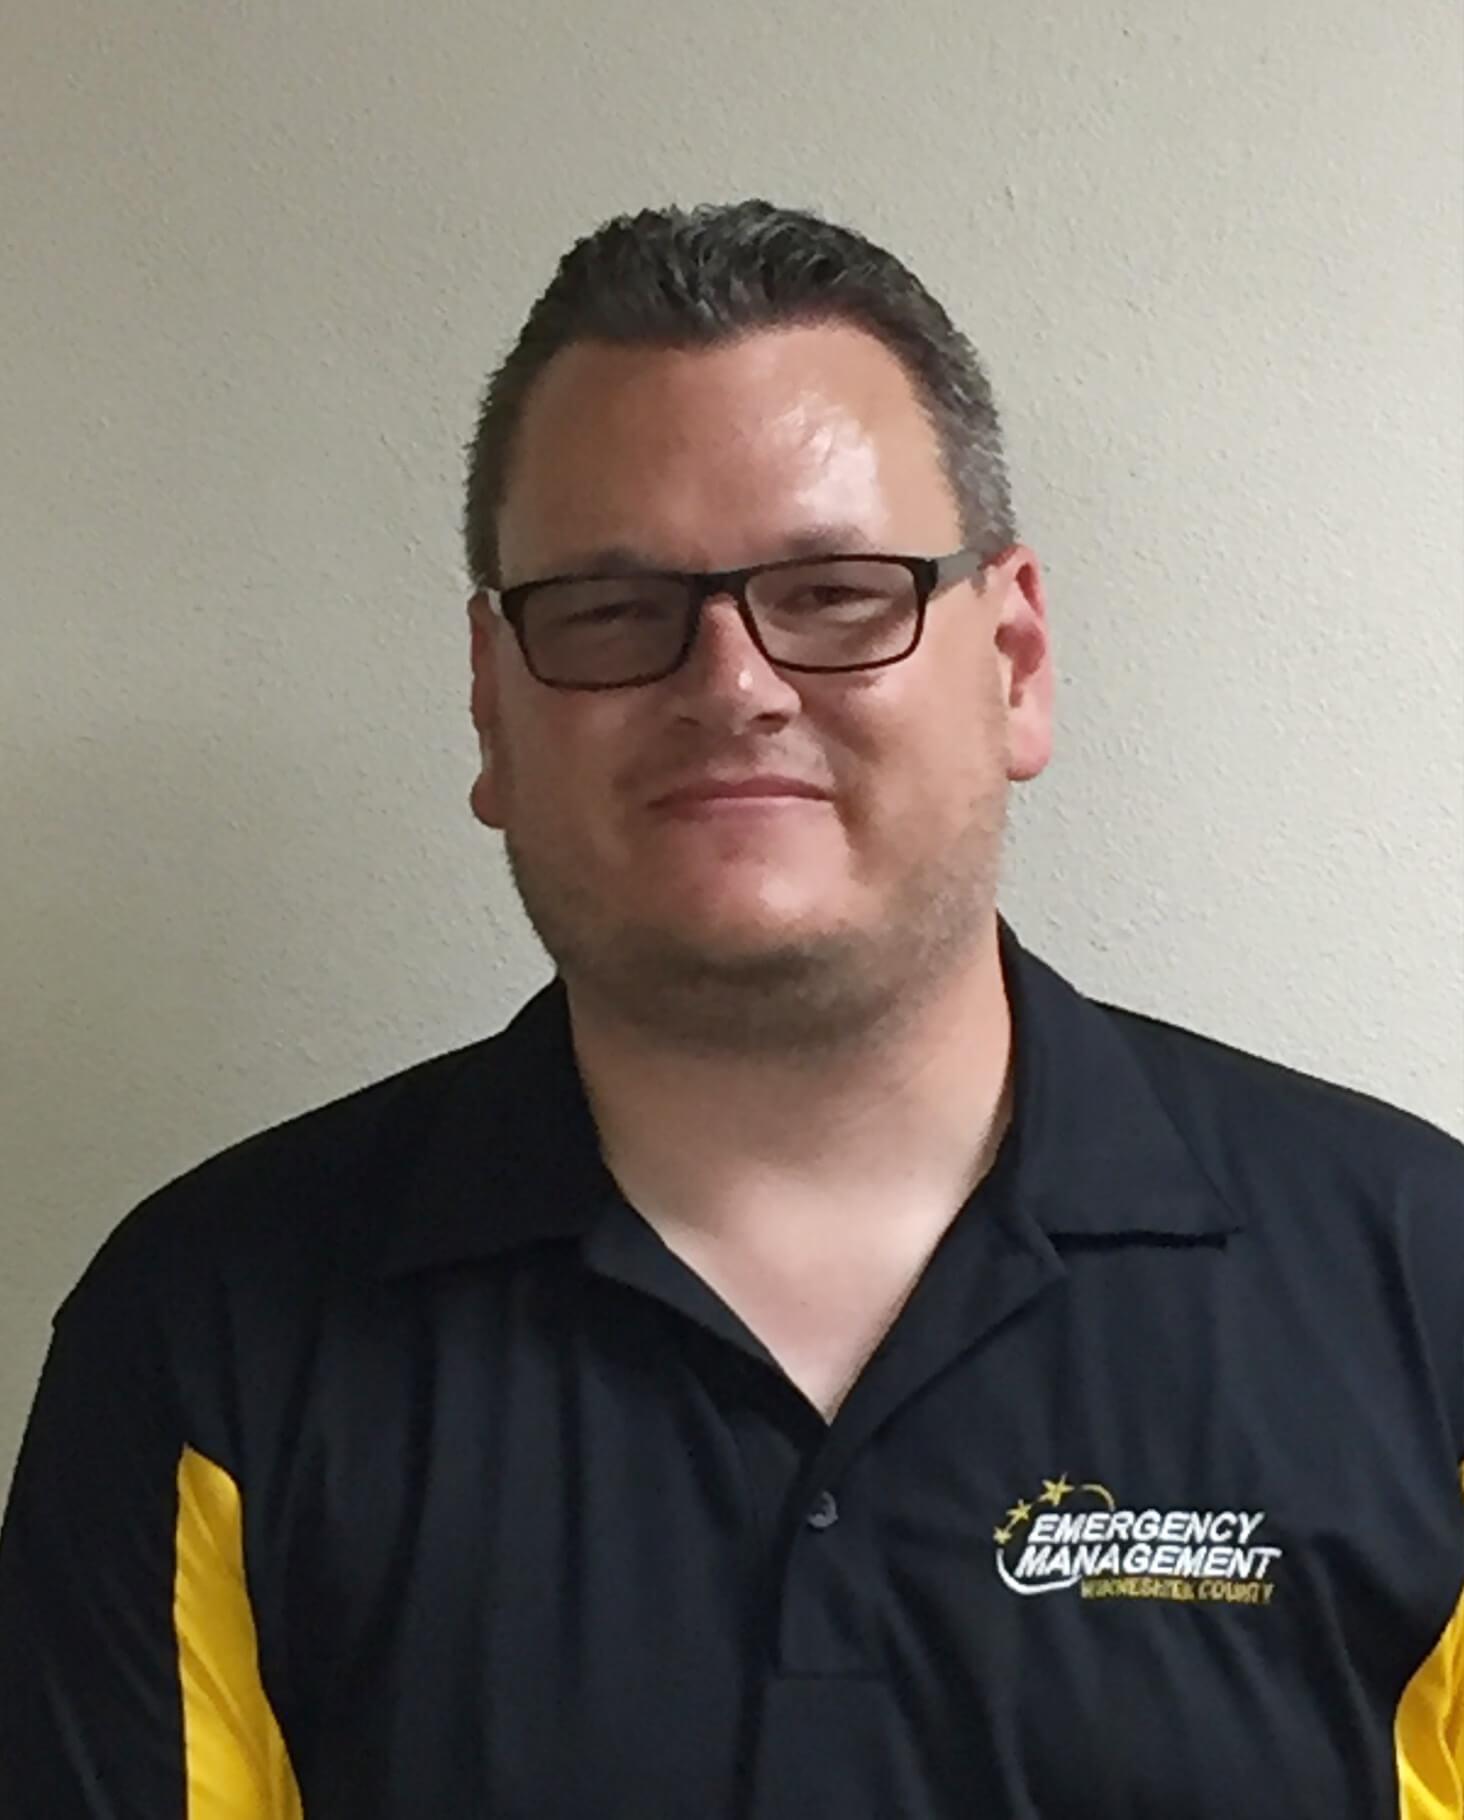 Sean Snyder, Emergency Management Coordinator